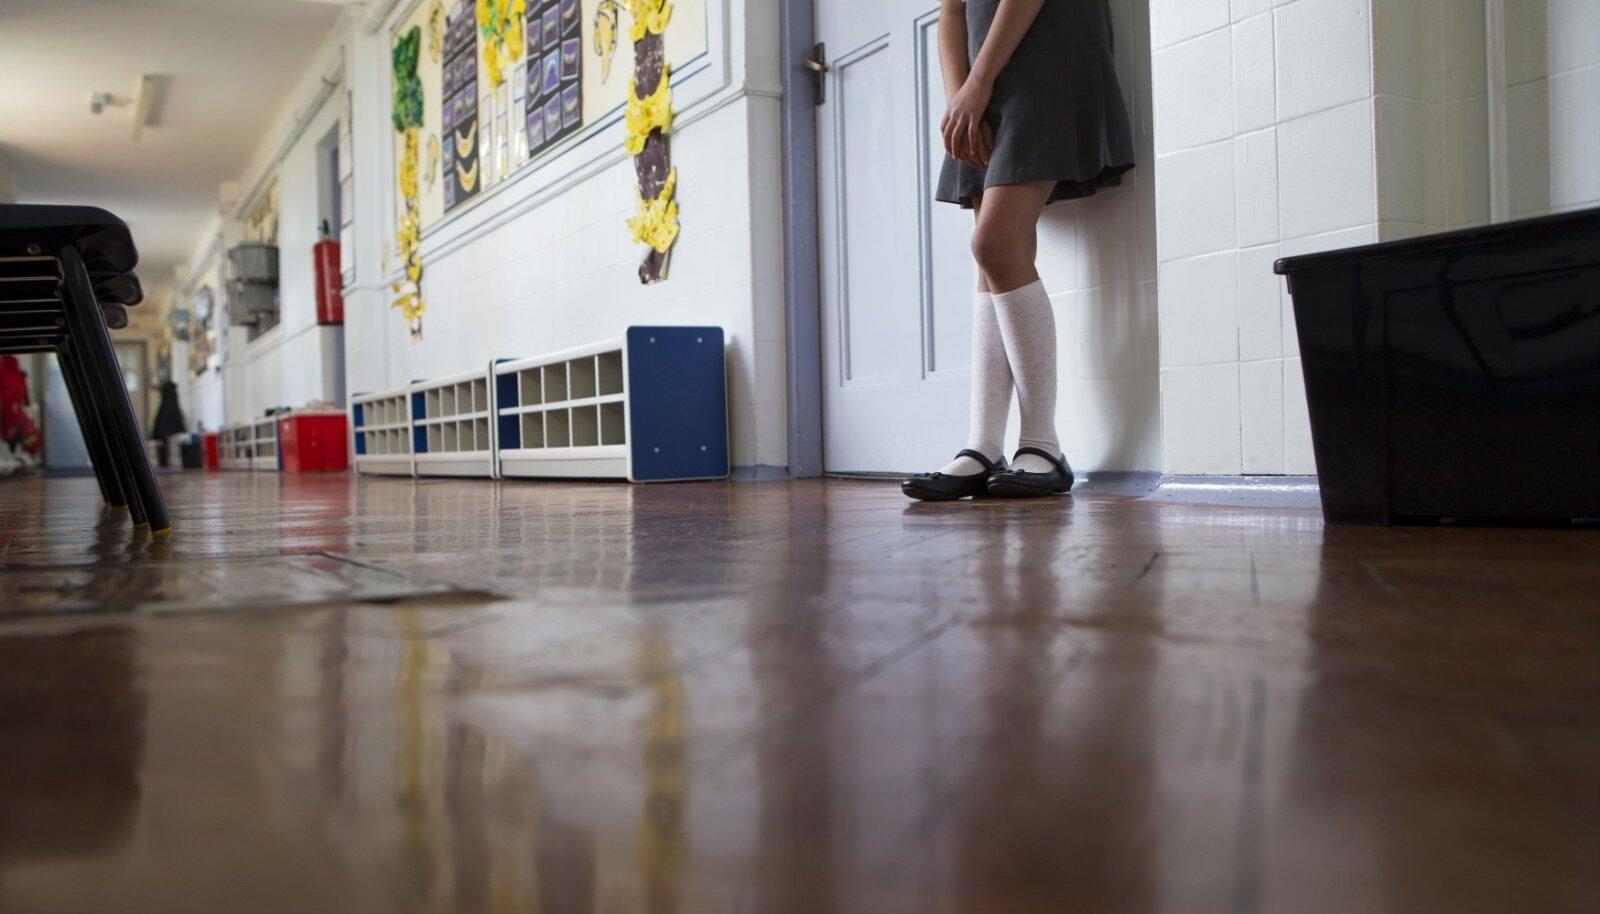 Koolides saadetakse lapsed sageli tunni segamise eest klassiruumist välja oma tegude üle järele mõtlema.